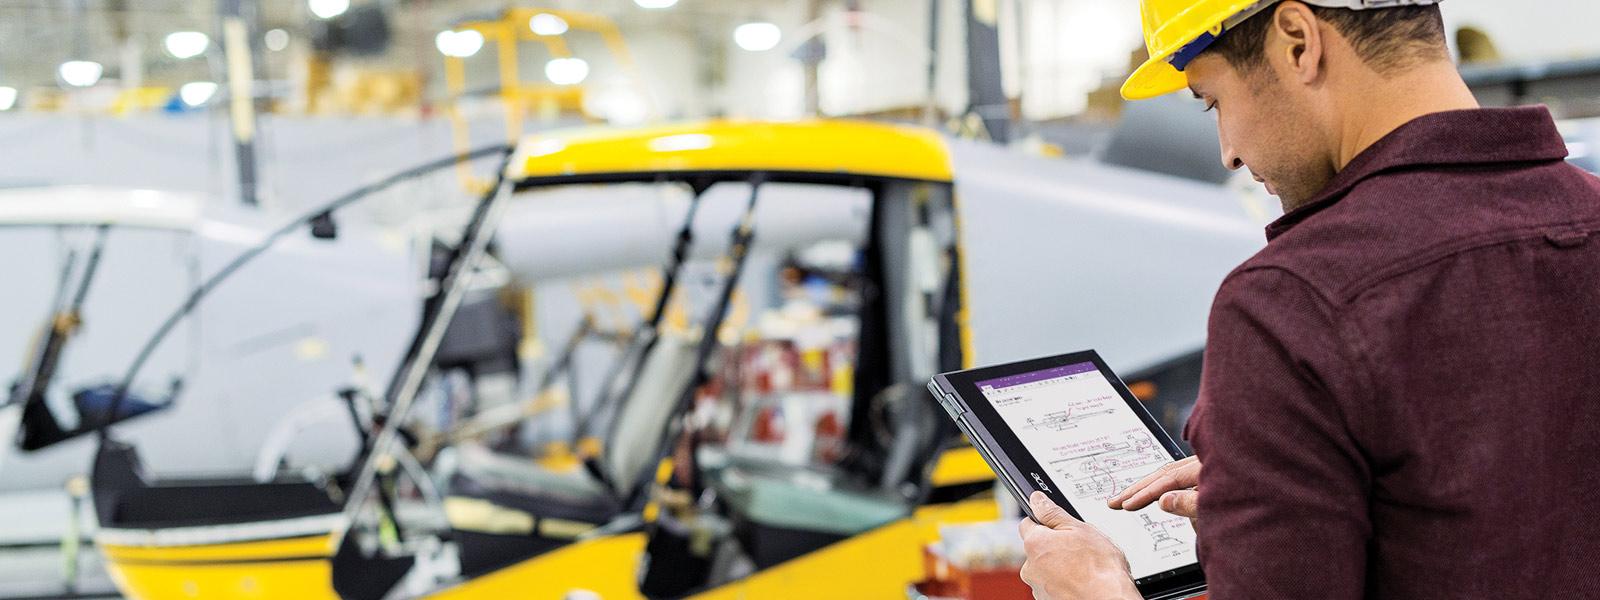 Homme qui consulte une tablette dans une usine